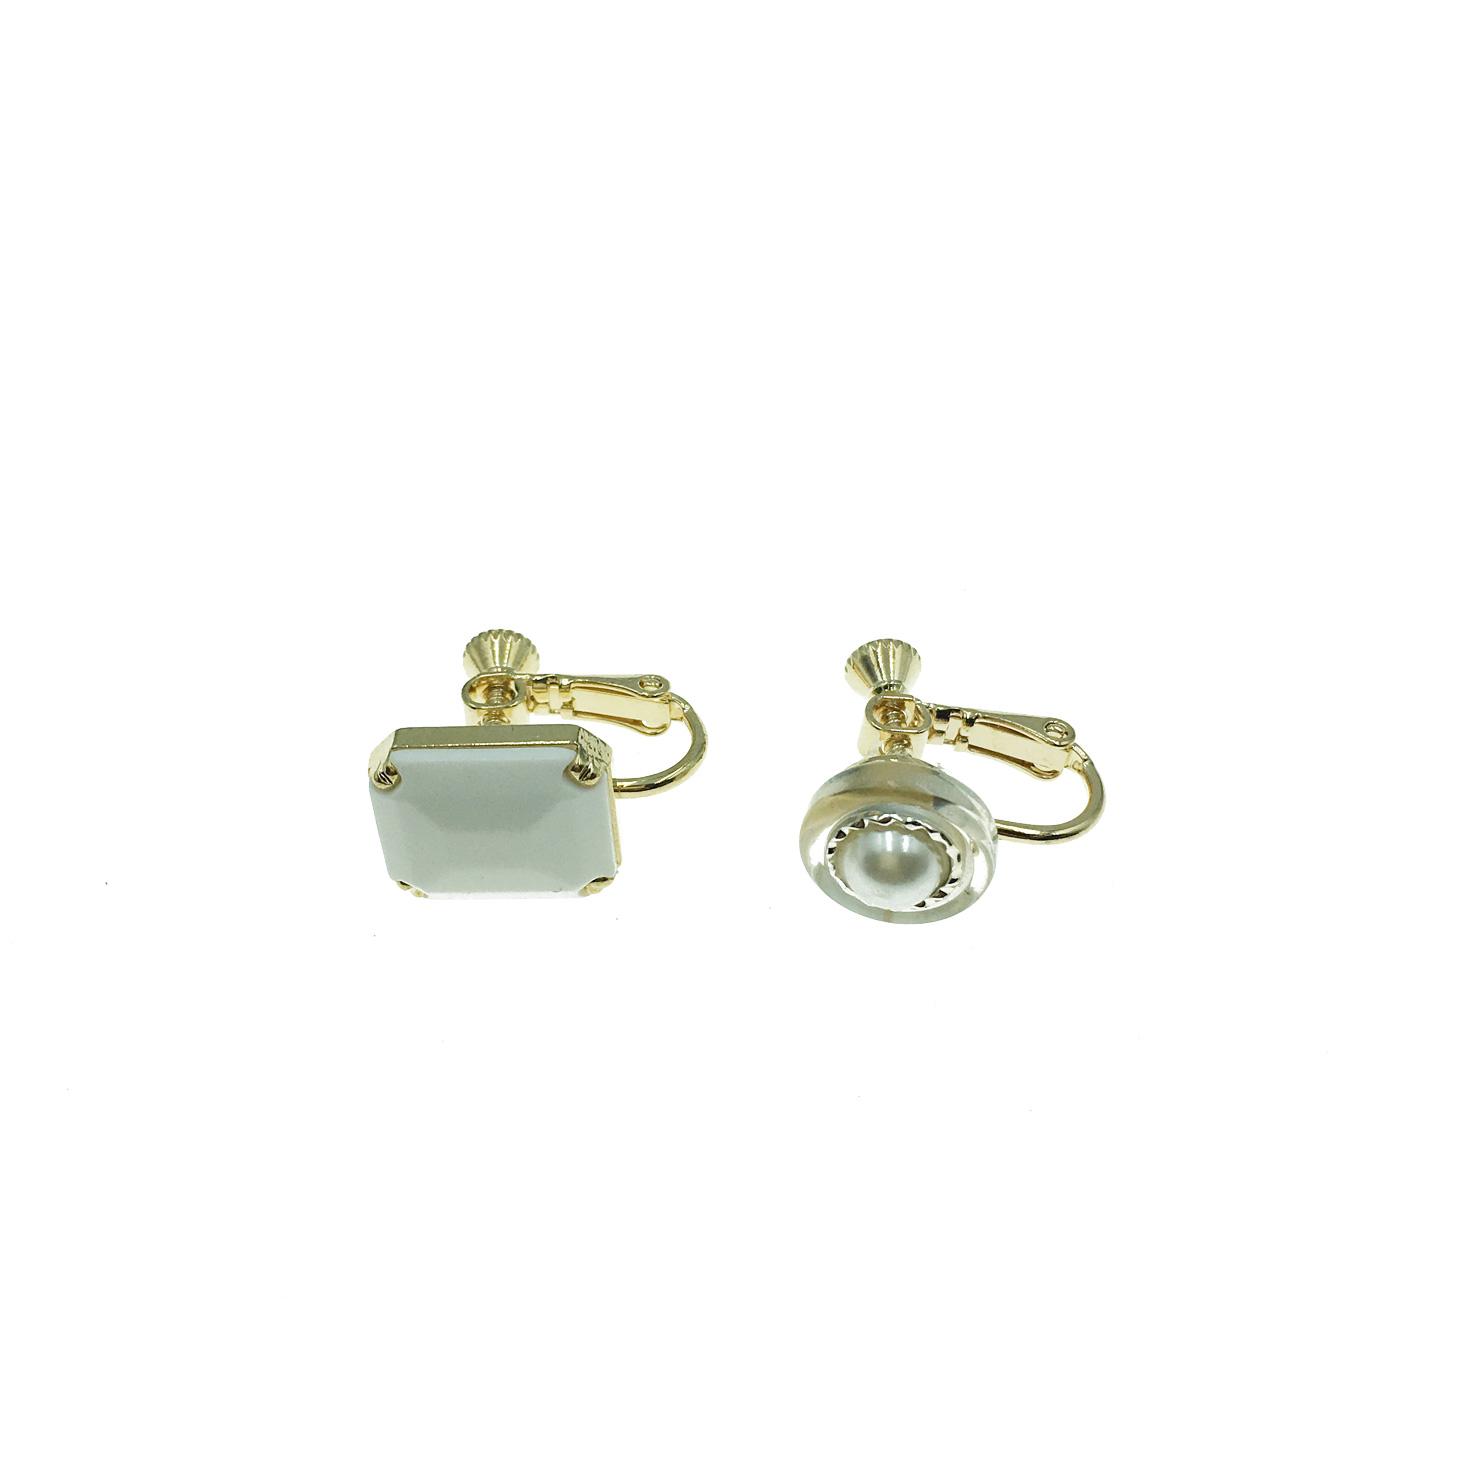 韓國 鈕扣 方形 方塊 珍珠 白色 銀色 不對稱 夾式耳環